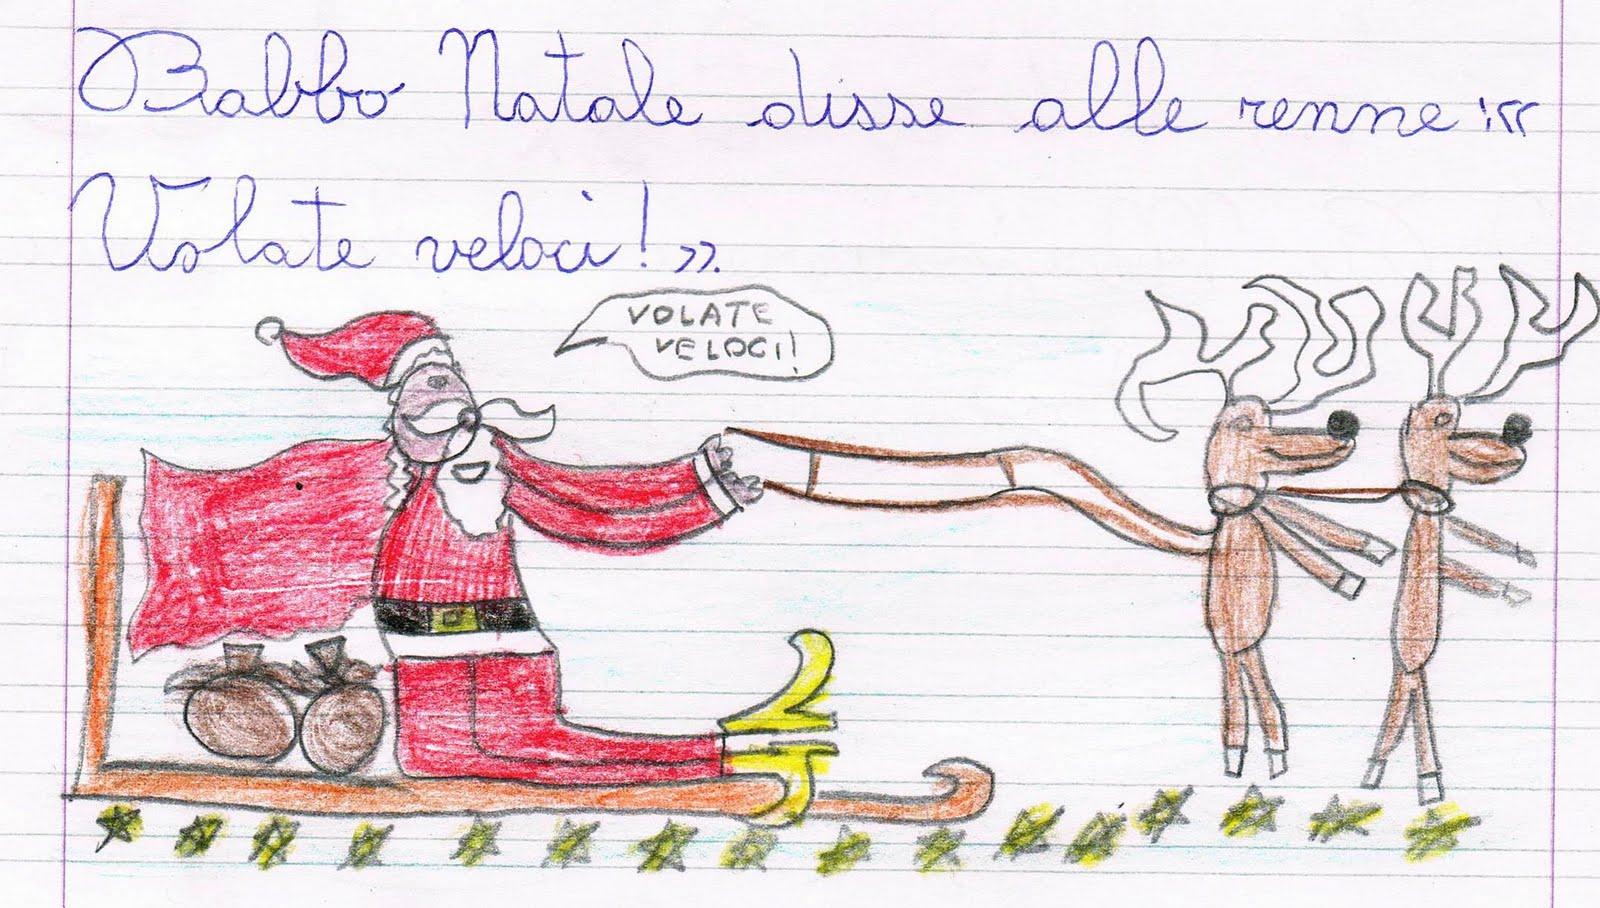 Descrizione Di Babbo Natale Per Bambini.Babbo Natale Descrizione